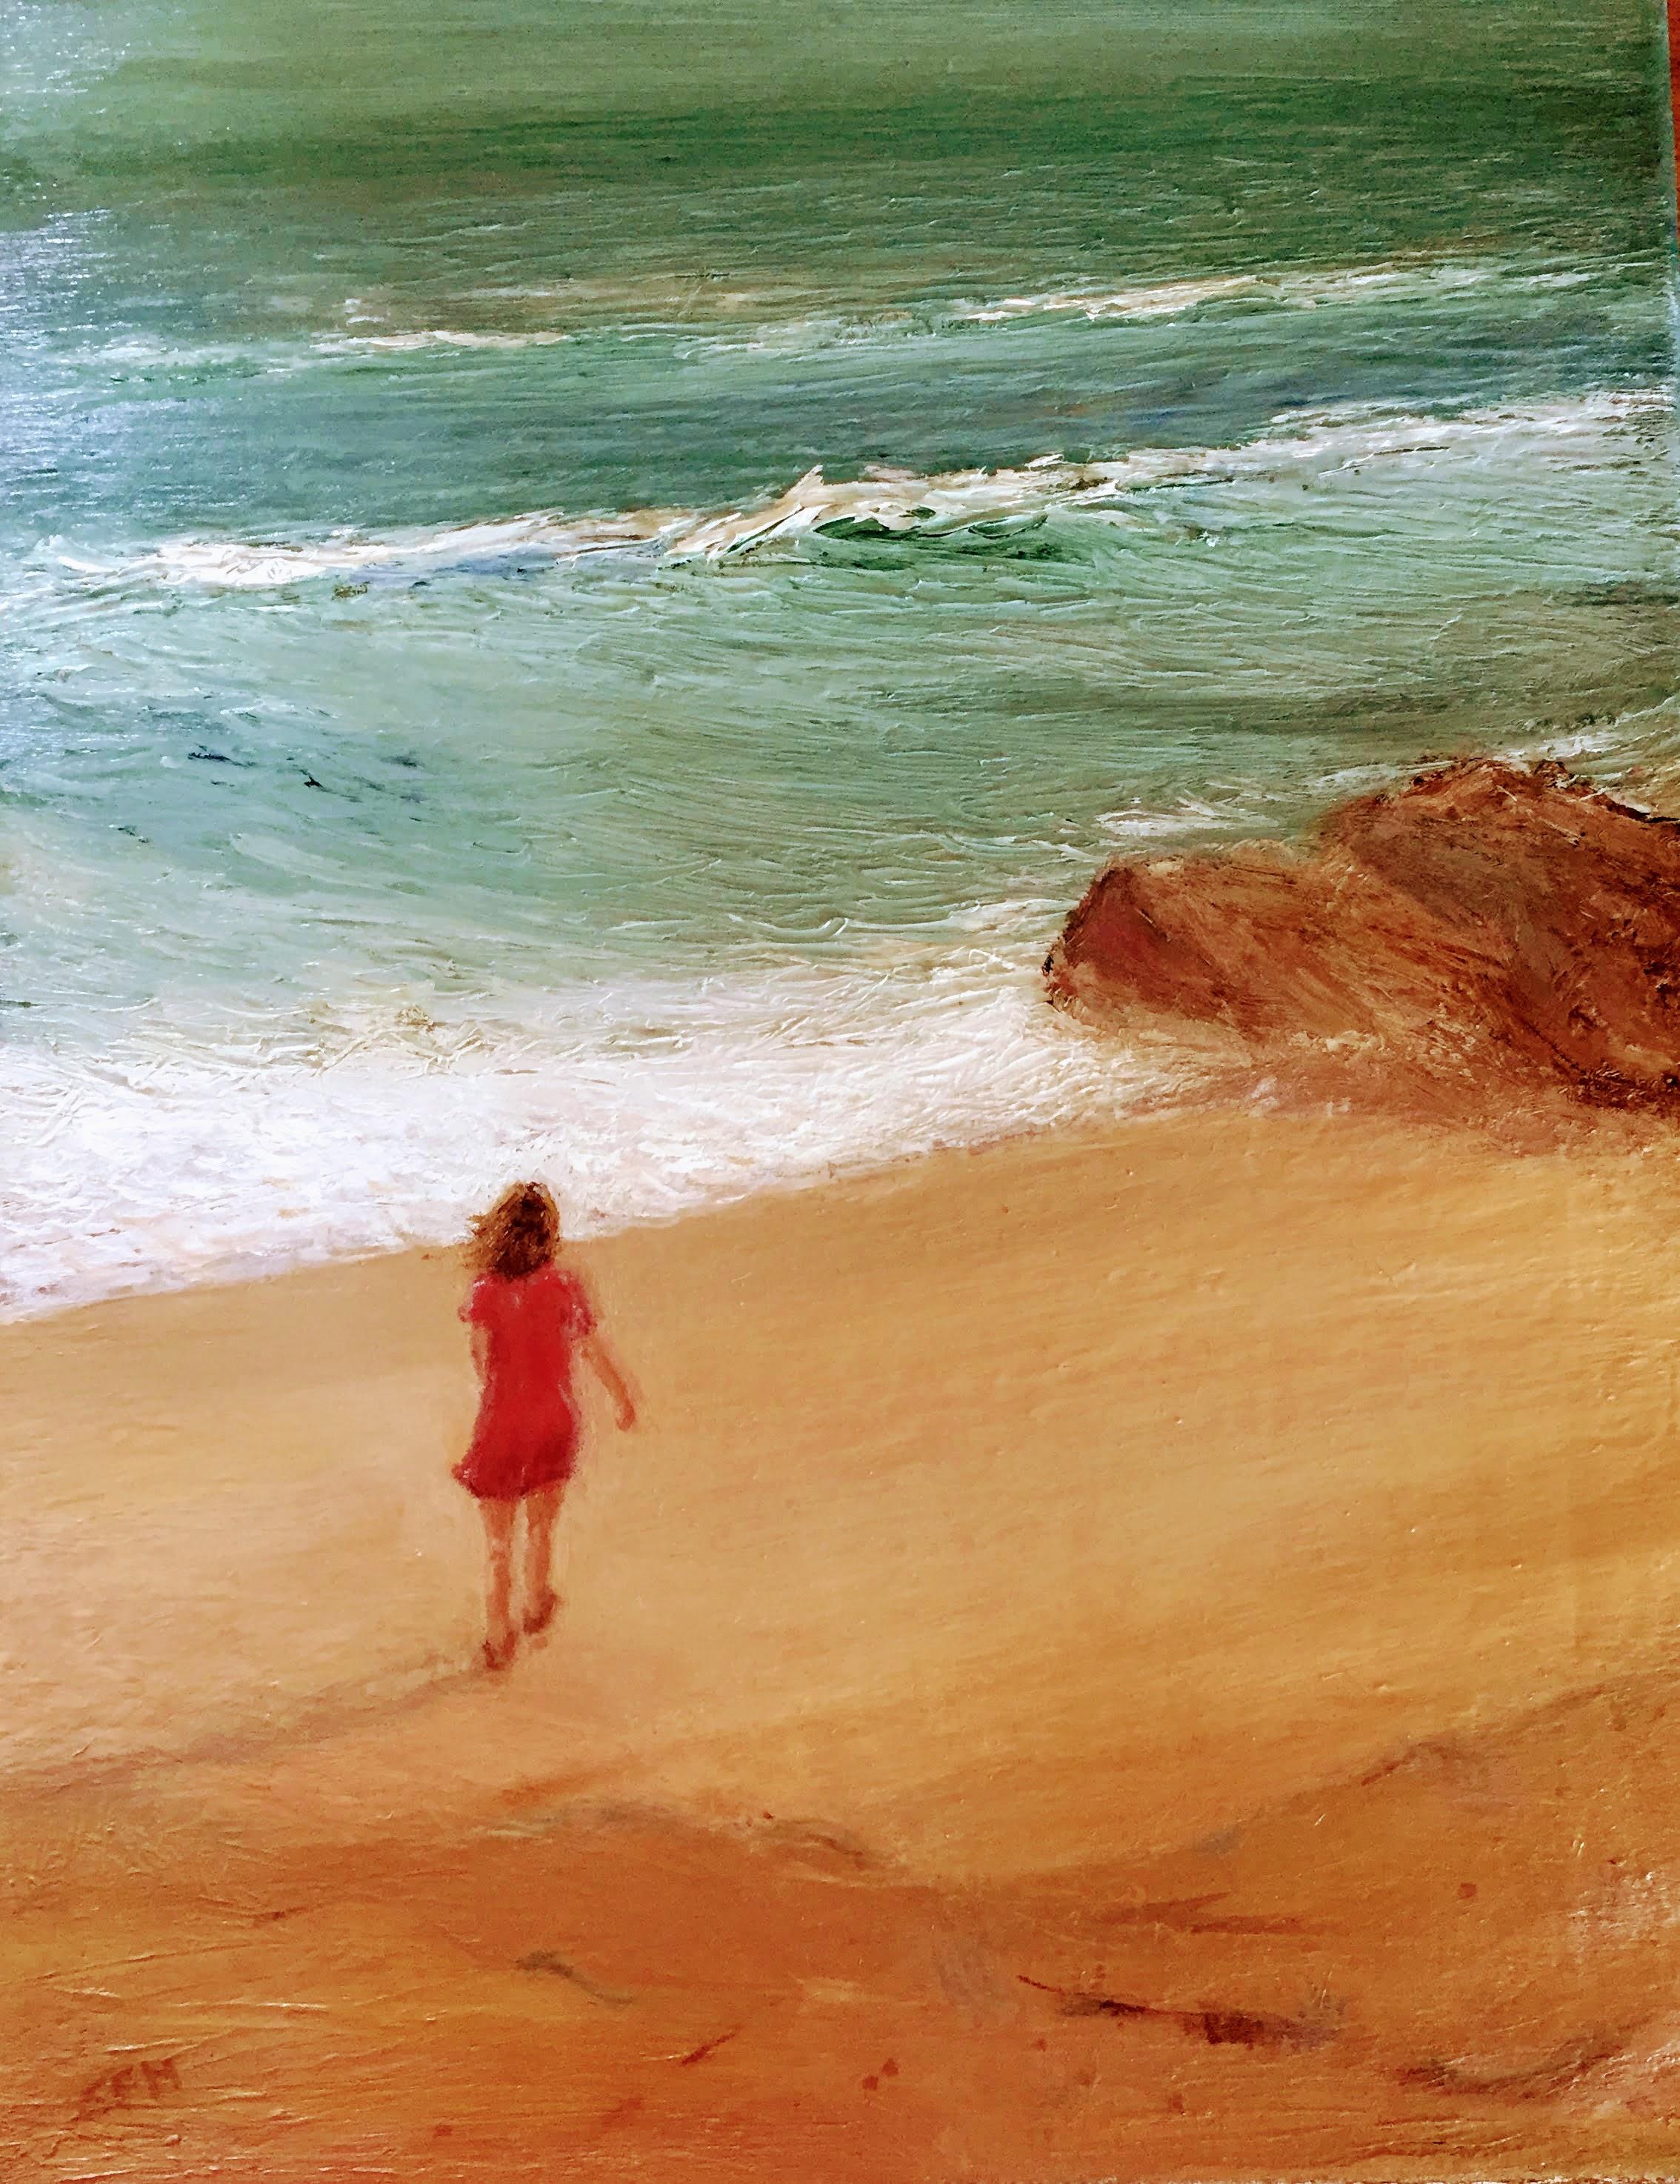 On the Beach    Oil on canvas  by Sally Hyman